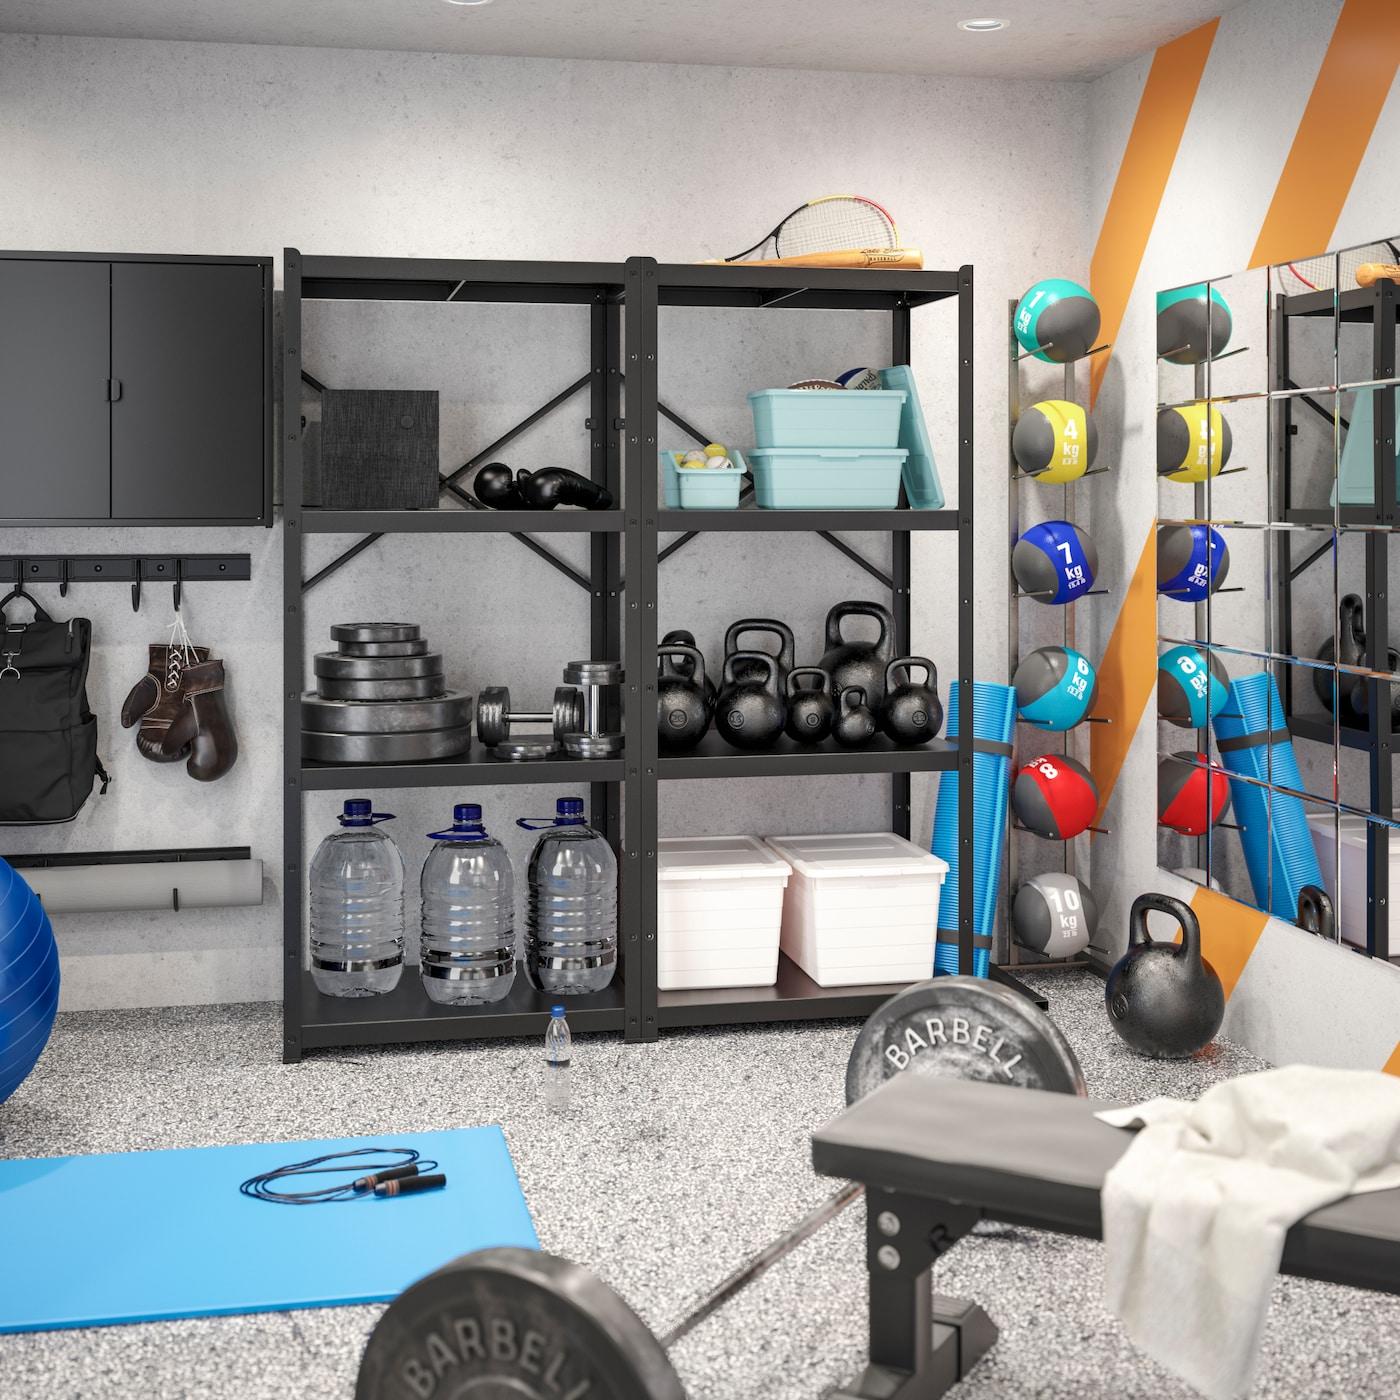 Fitnessraum mit schwarzem Regal, hellblauer Matte, Spiegel, schwarzen Hanteln & Boxhandschuhen.